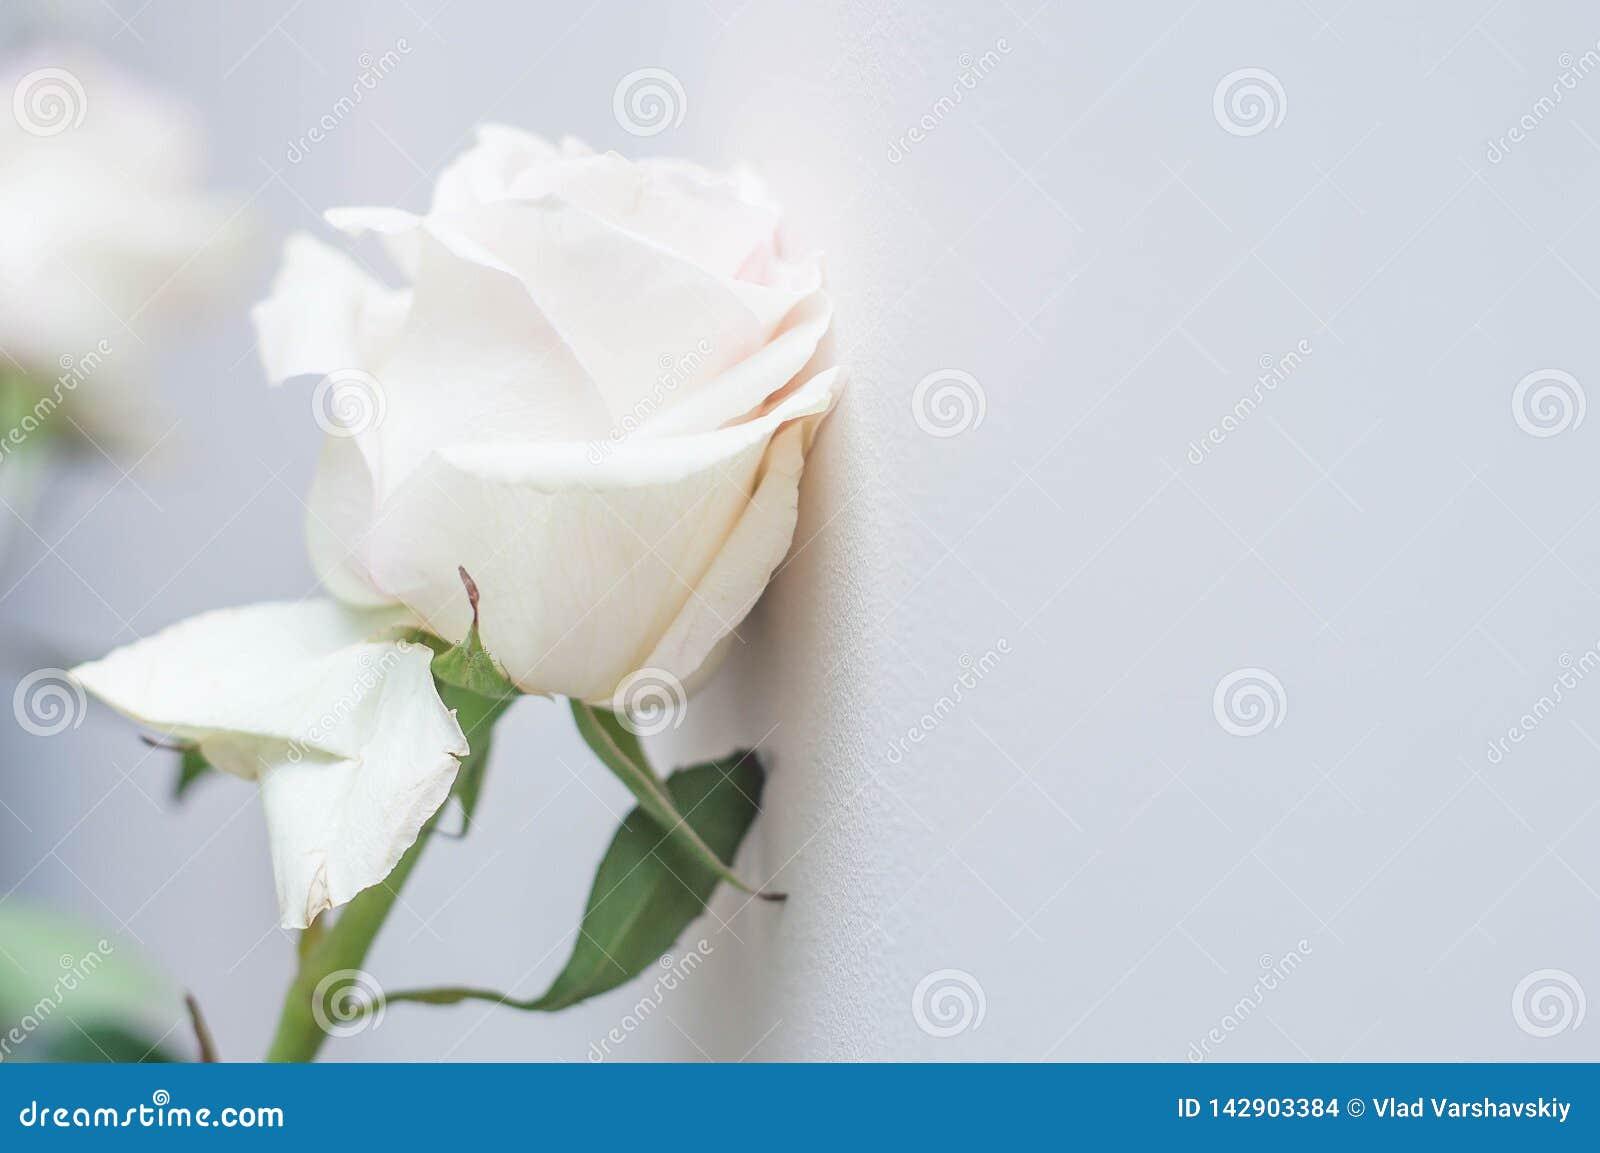 Biały róża kwiat struga nad białą ścianą jako symbol związki, rozdzielenie i biedy postrzeganie zli,